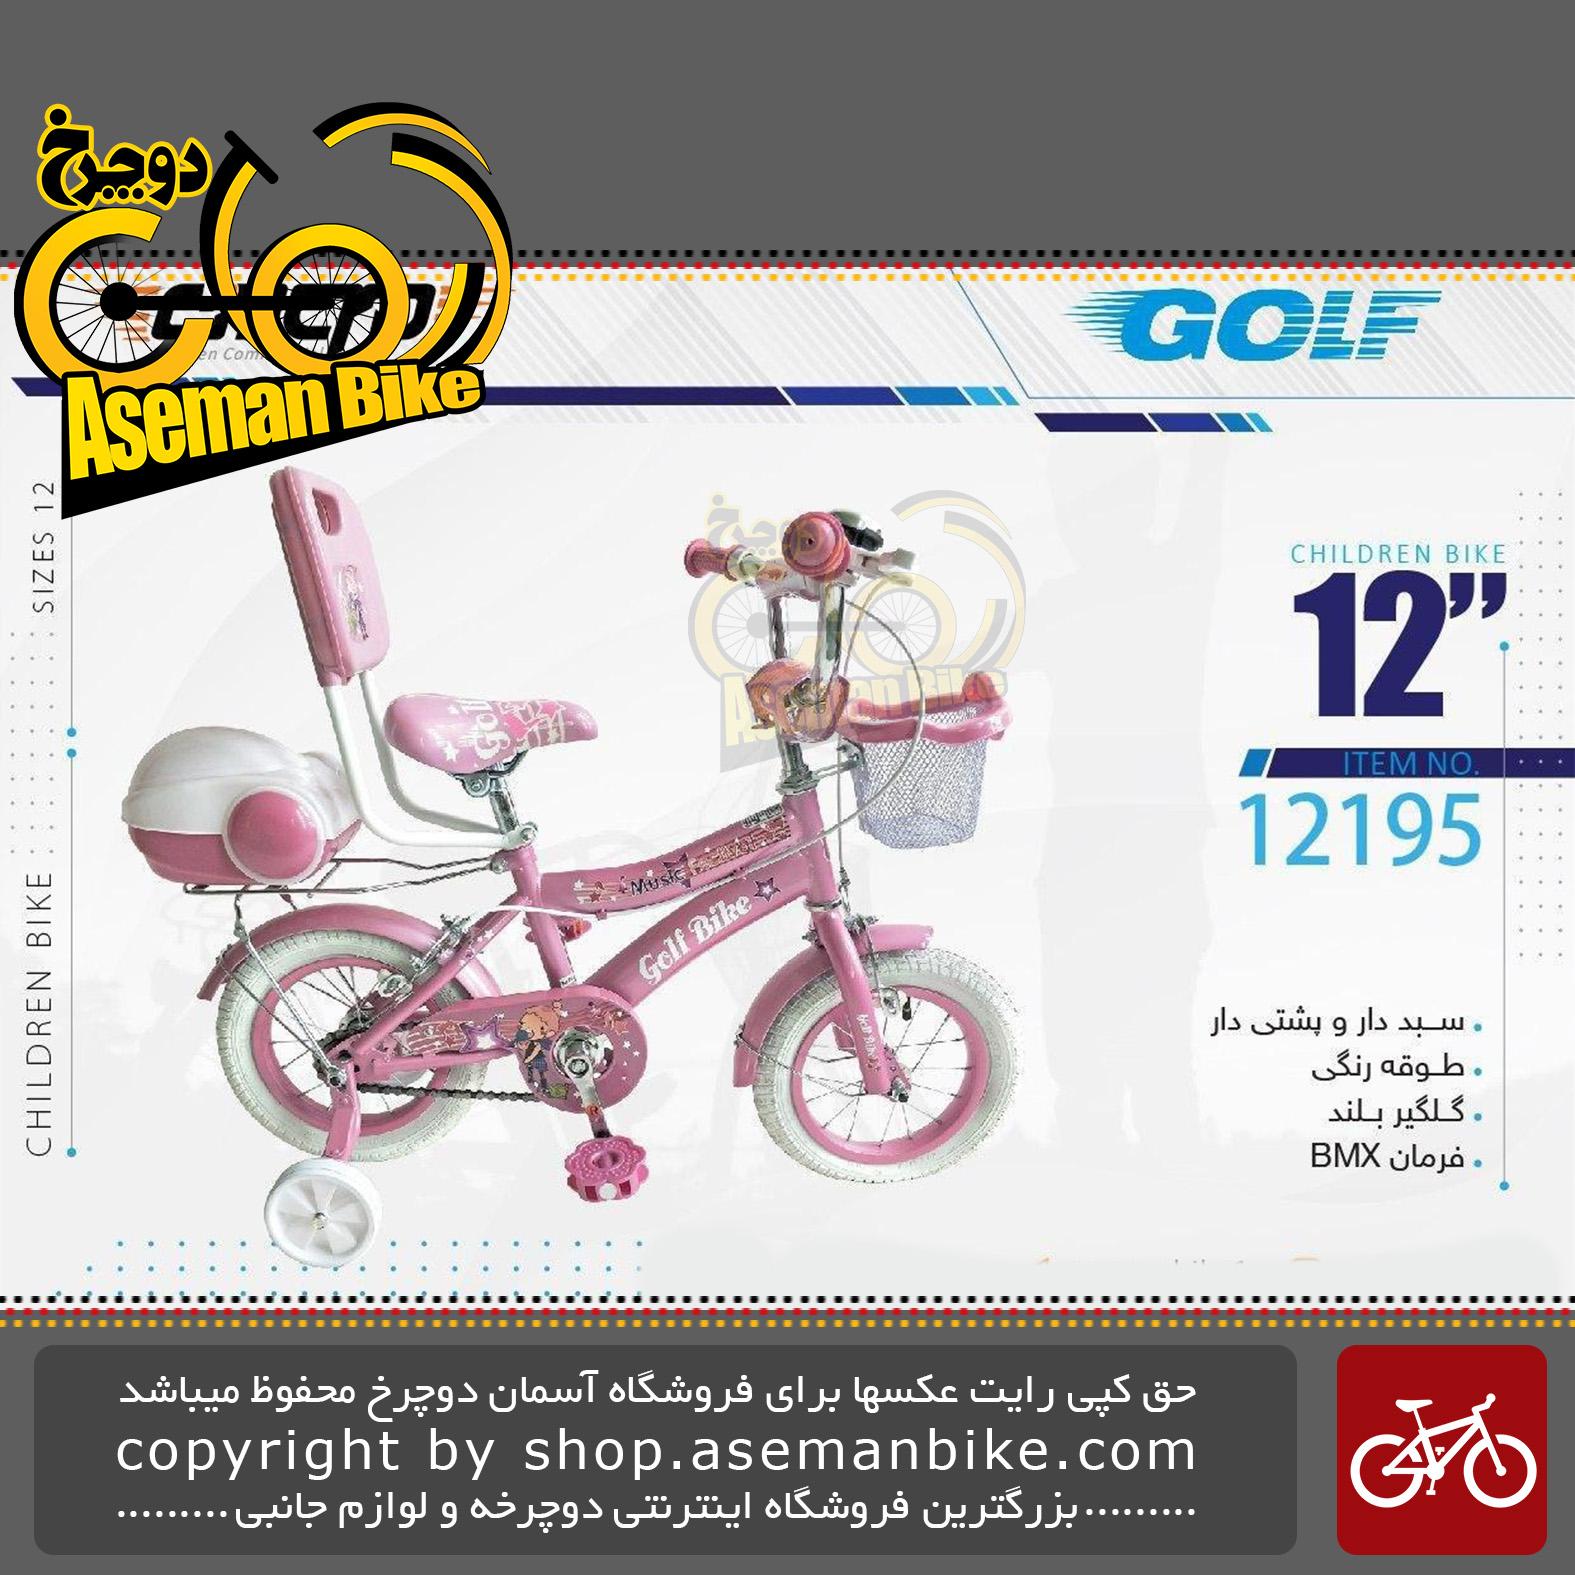 دوچرخه بچگانه دخترانه گلف سایز 12 پشتی دار صندوق دار سبد دار مدل 12195 GOLF Bicycle Kids Size 12 Model 12195